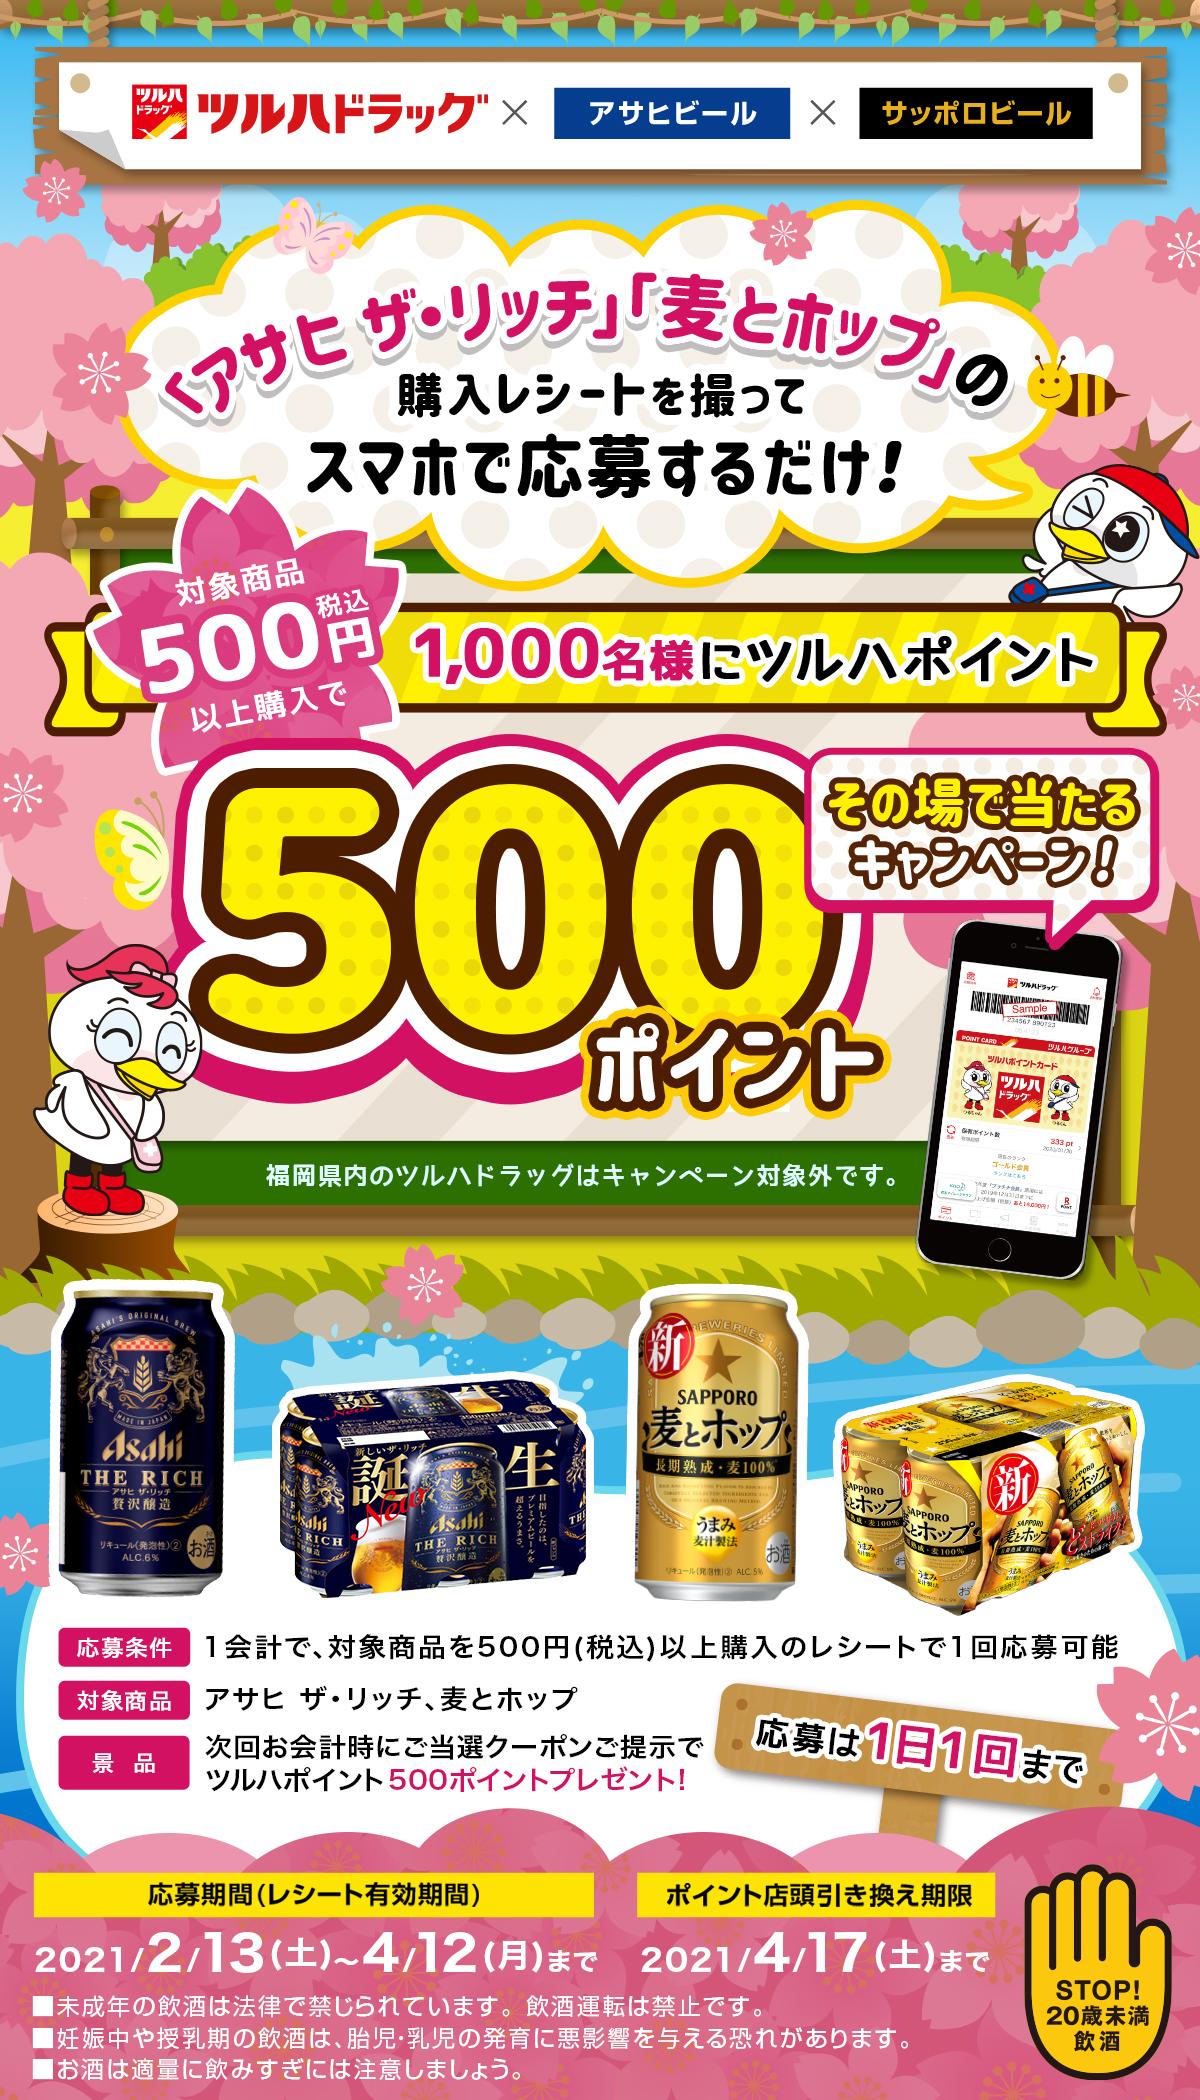 ツルハドラッグでお酒対象商品500円以上購入レシートでその場で当たるキャンペーン